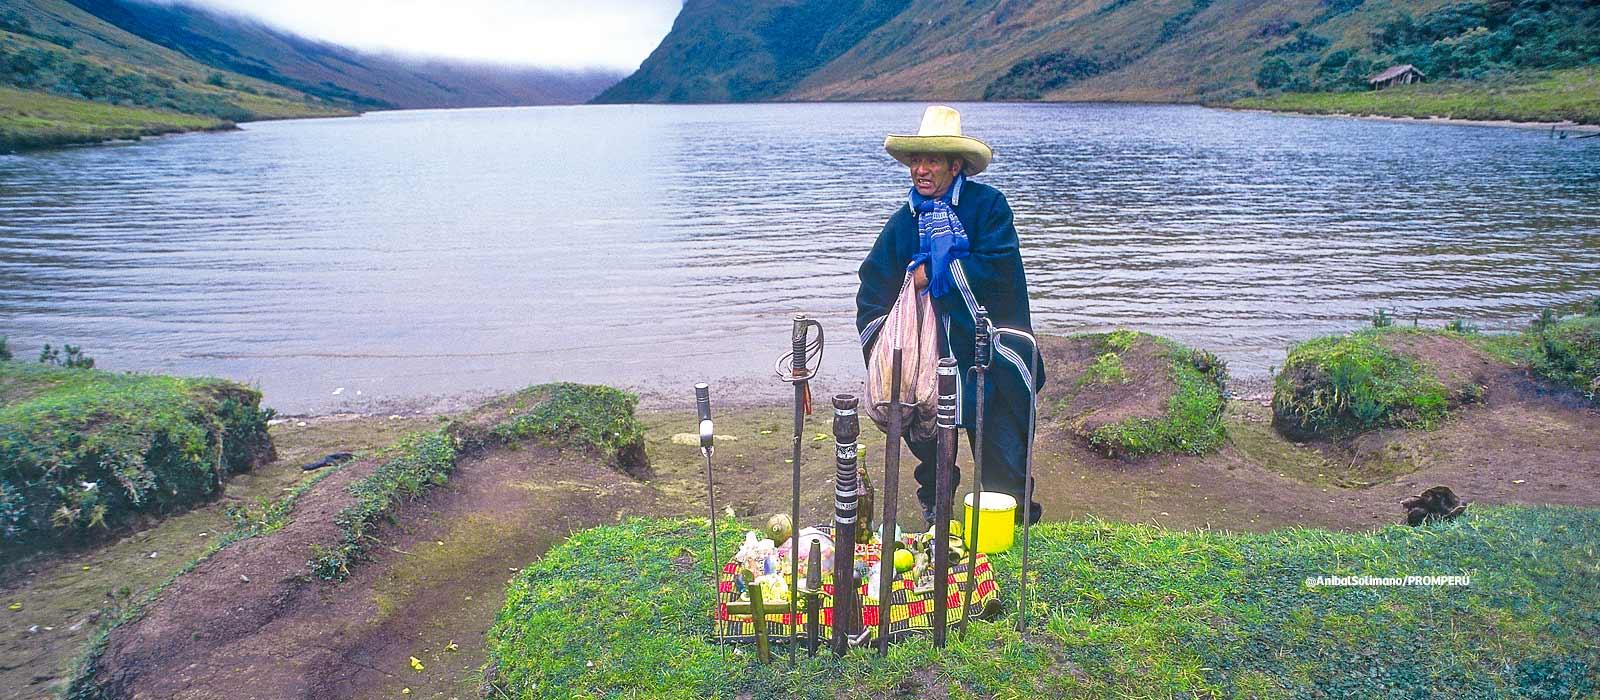 Las lagunas de las Huaringas es considerado como un espacio mistico lleno de enigmas, donde los chamanes realizan sus mesadas. (Foto: PromPerú)